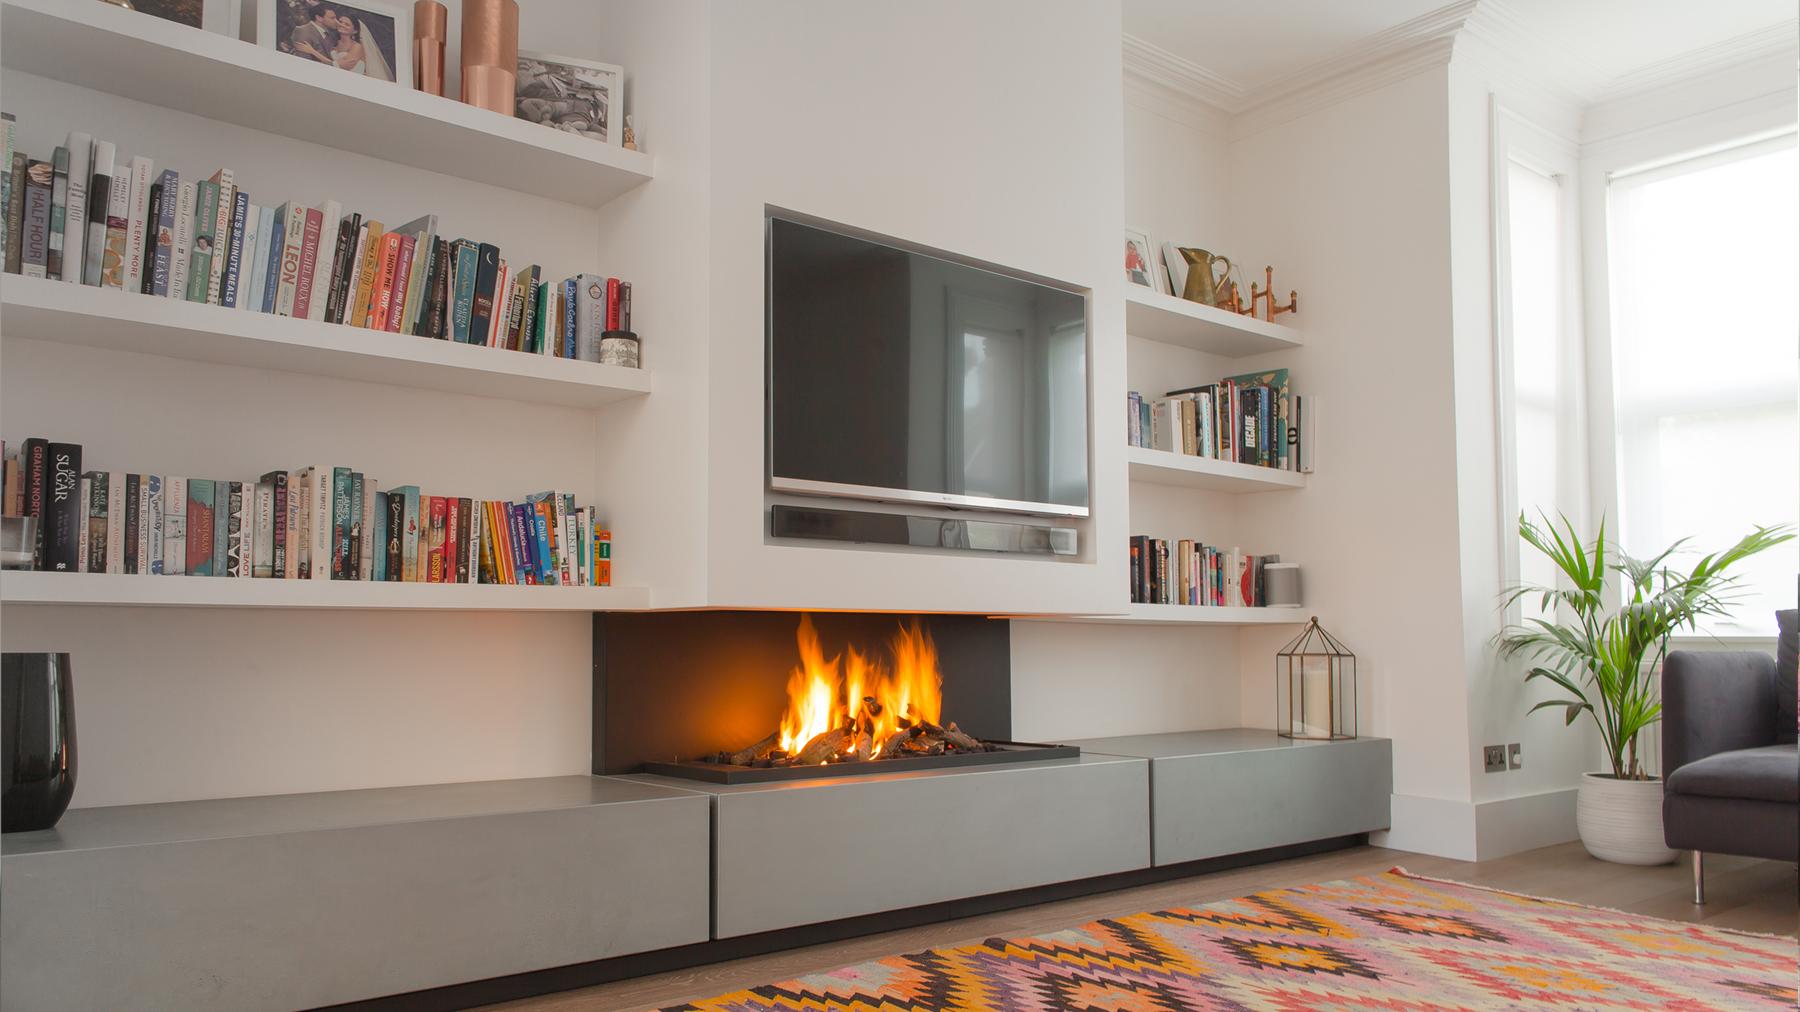 572 Tv Contemporary Fireplace I Modern Fireplace